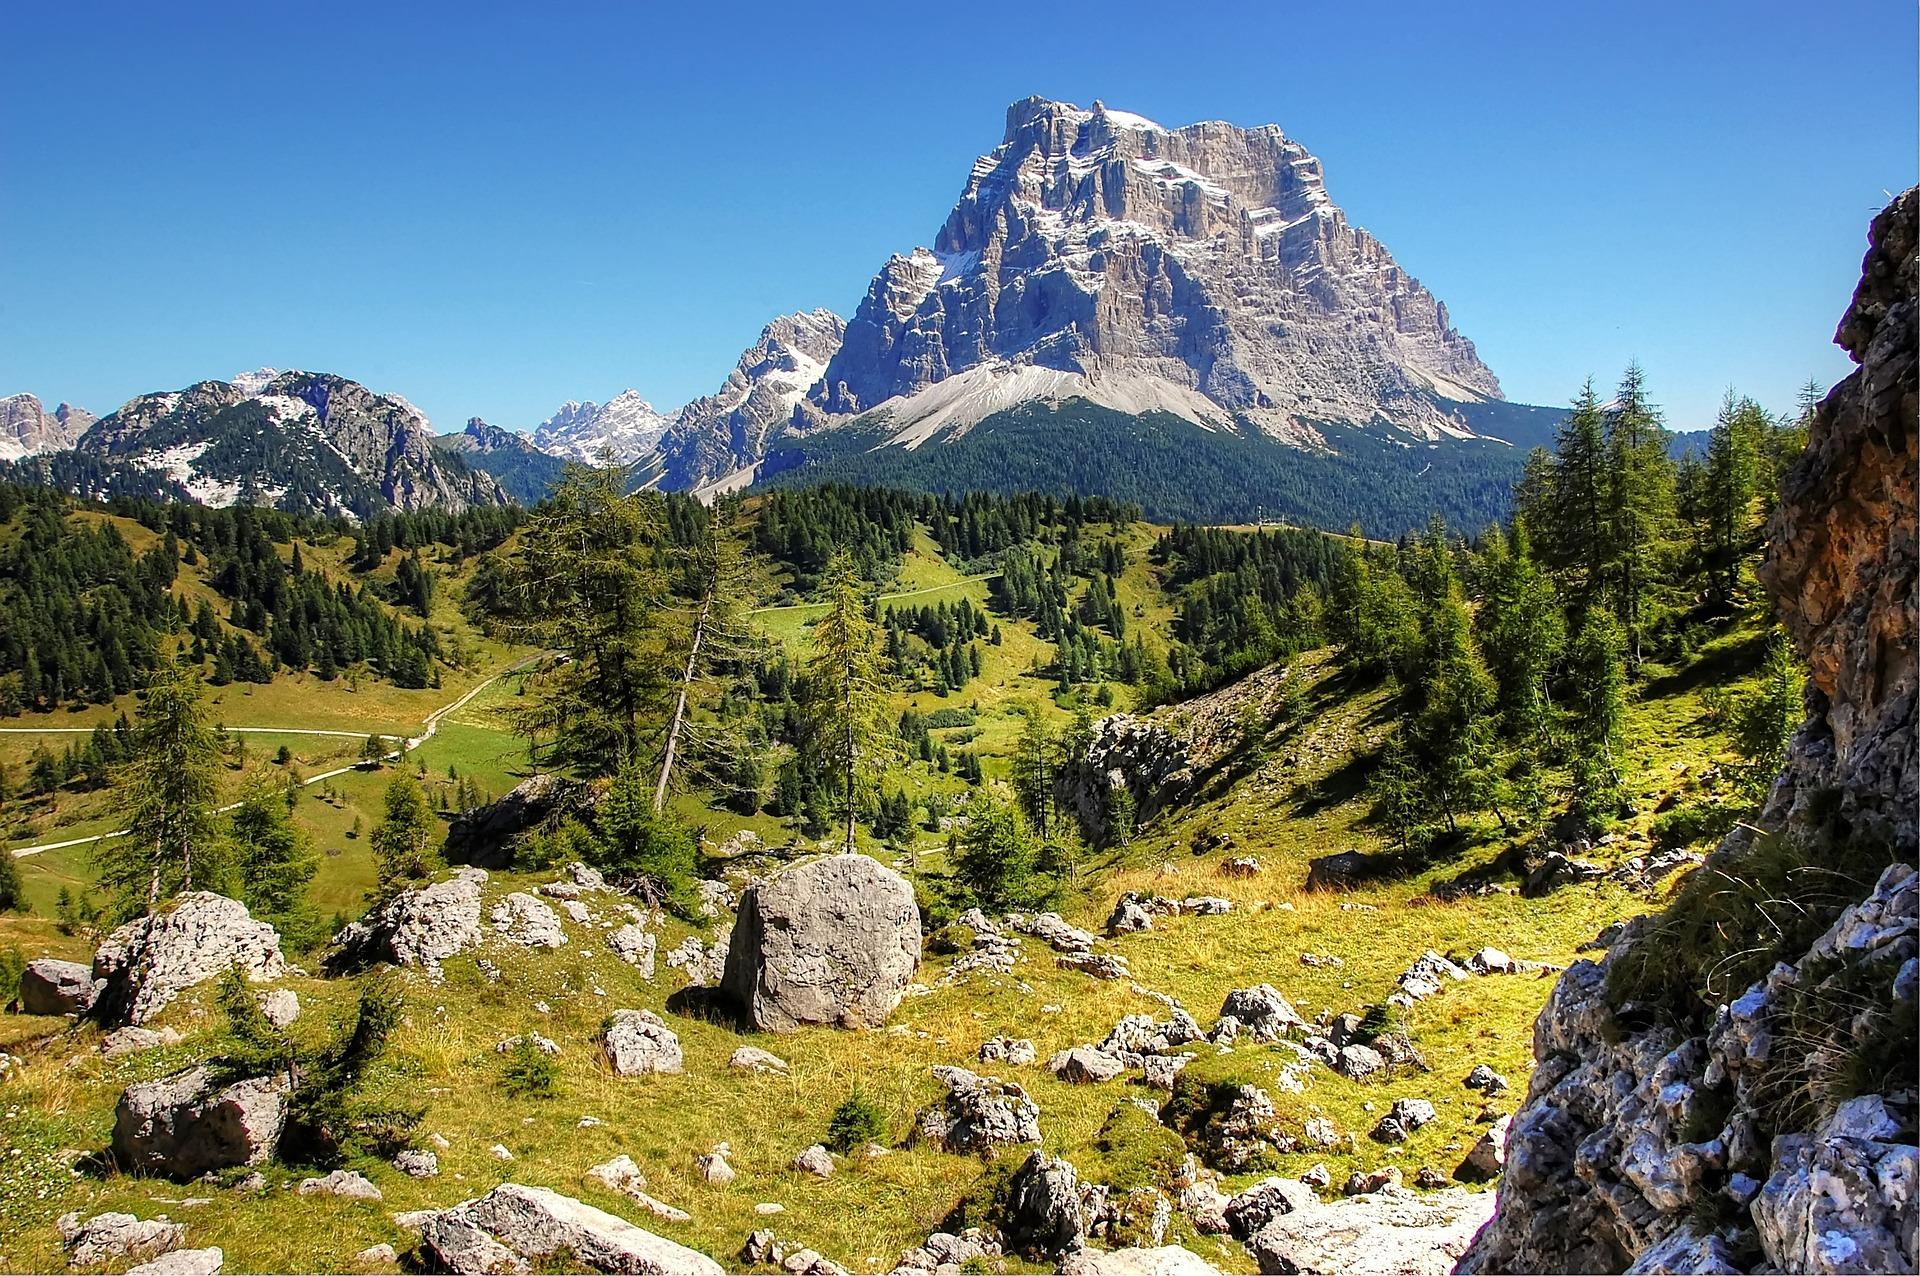 Offerta Last Minute: vacanza in montagna Settimana di Ferragosto 2021 sulle Dolomiti